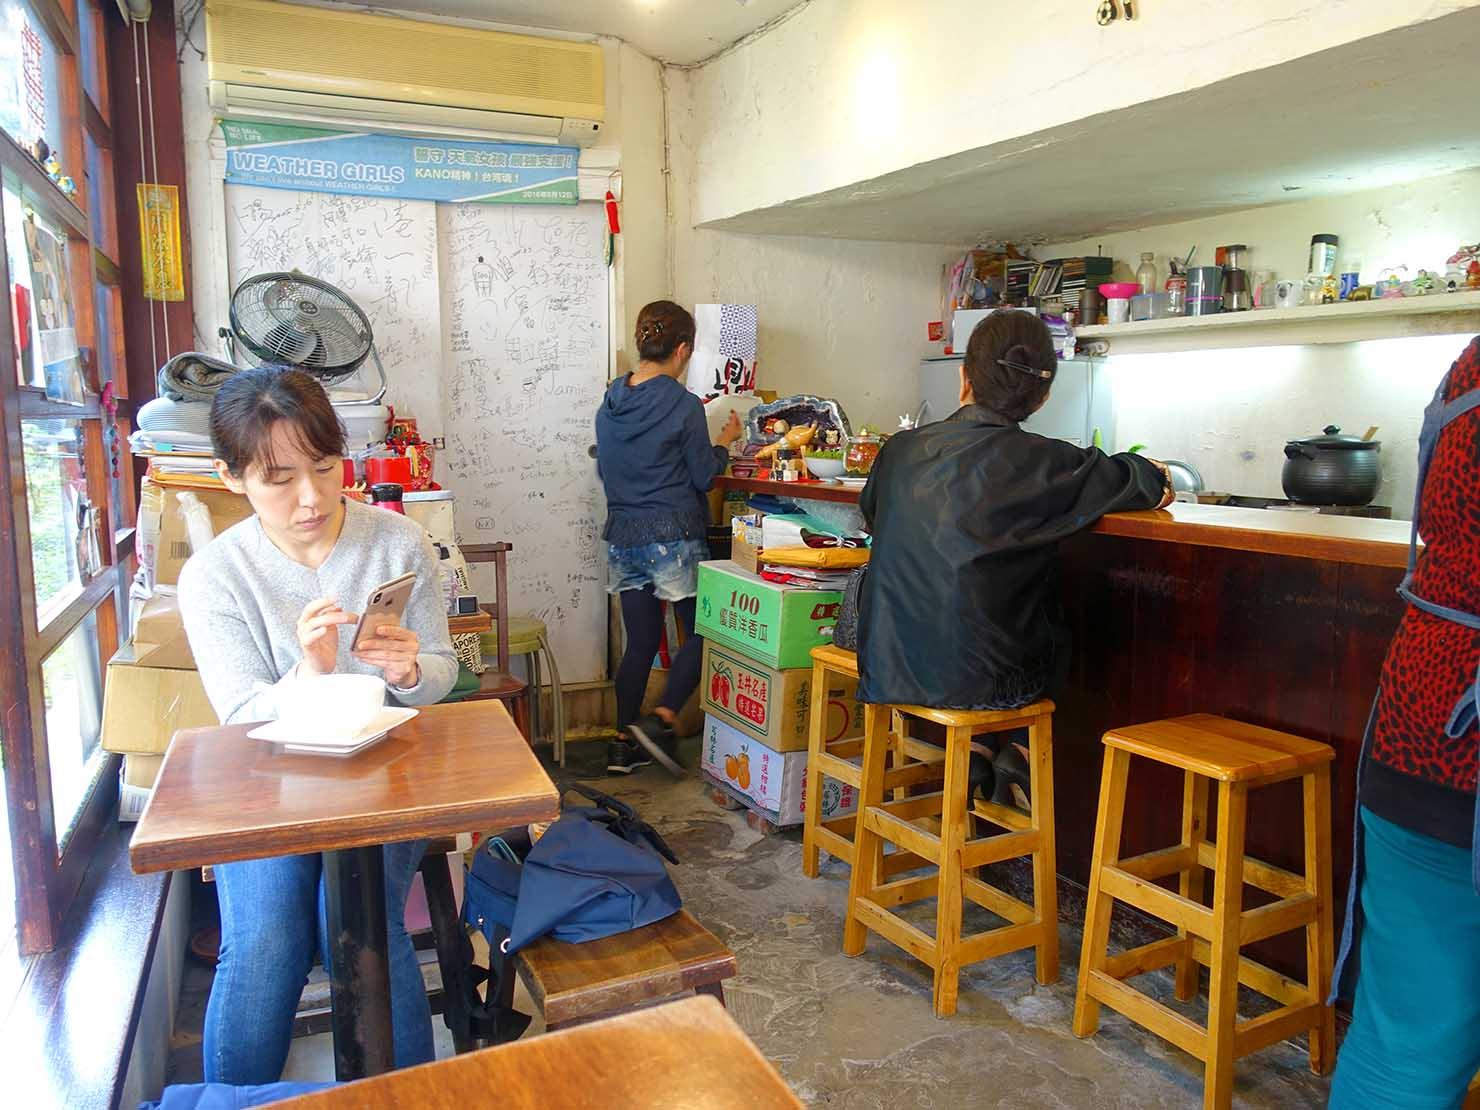 台北・國父紀念館のおすすめグルメ店「騷豆花」の店内